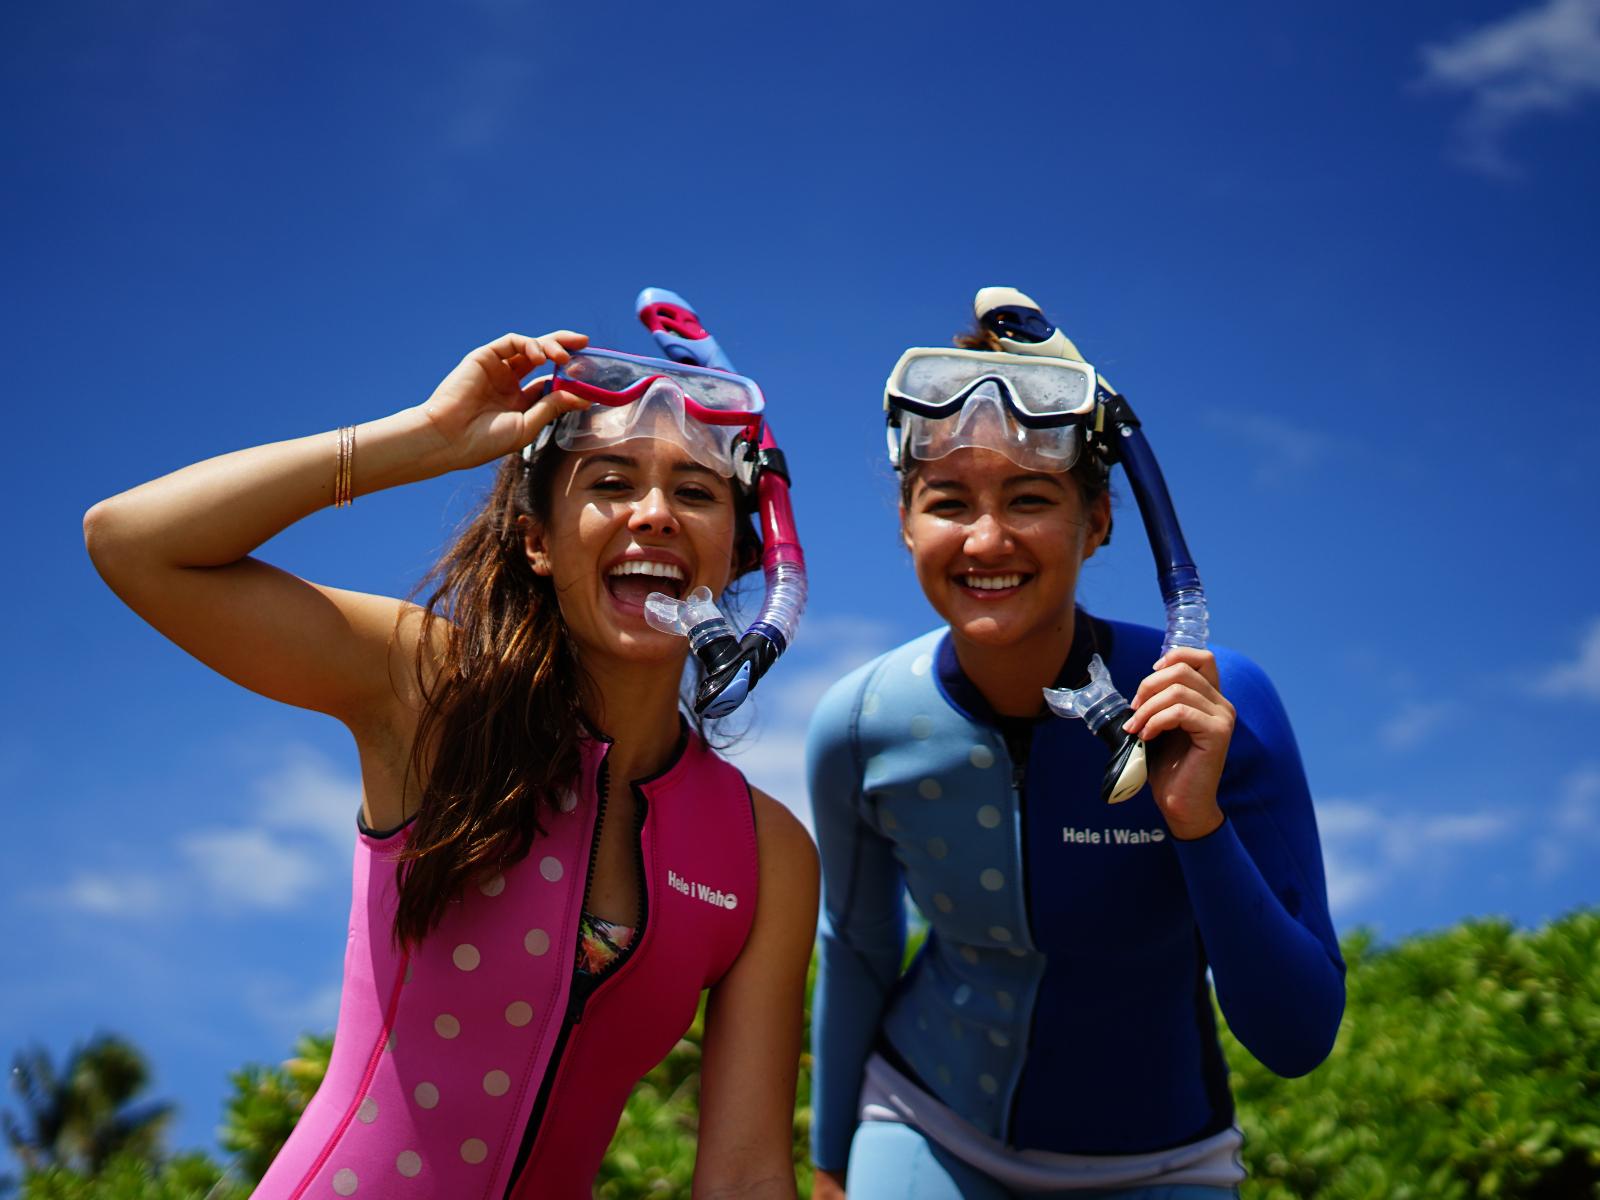 潛水裝備推薦|浮潛初學者必備,面鏡、毛巾衣、潛水袋新手入門購買清單